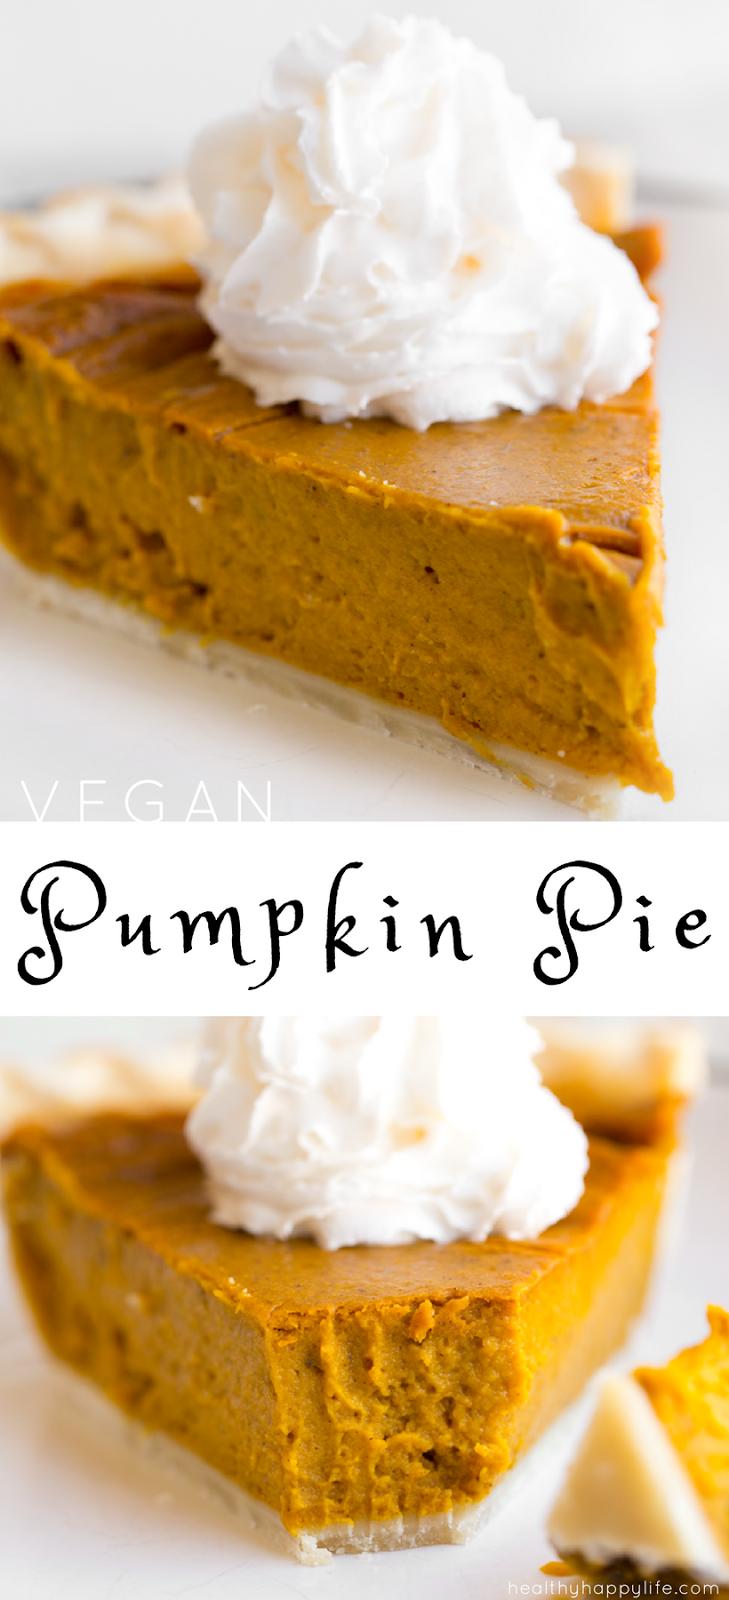 Simple Vegan Pumpkin Pie Healthyhappylife Com Recipe Vegan Pumpkin Pie Vegan Pumpkin Pumpkin Pie